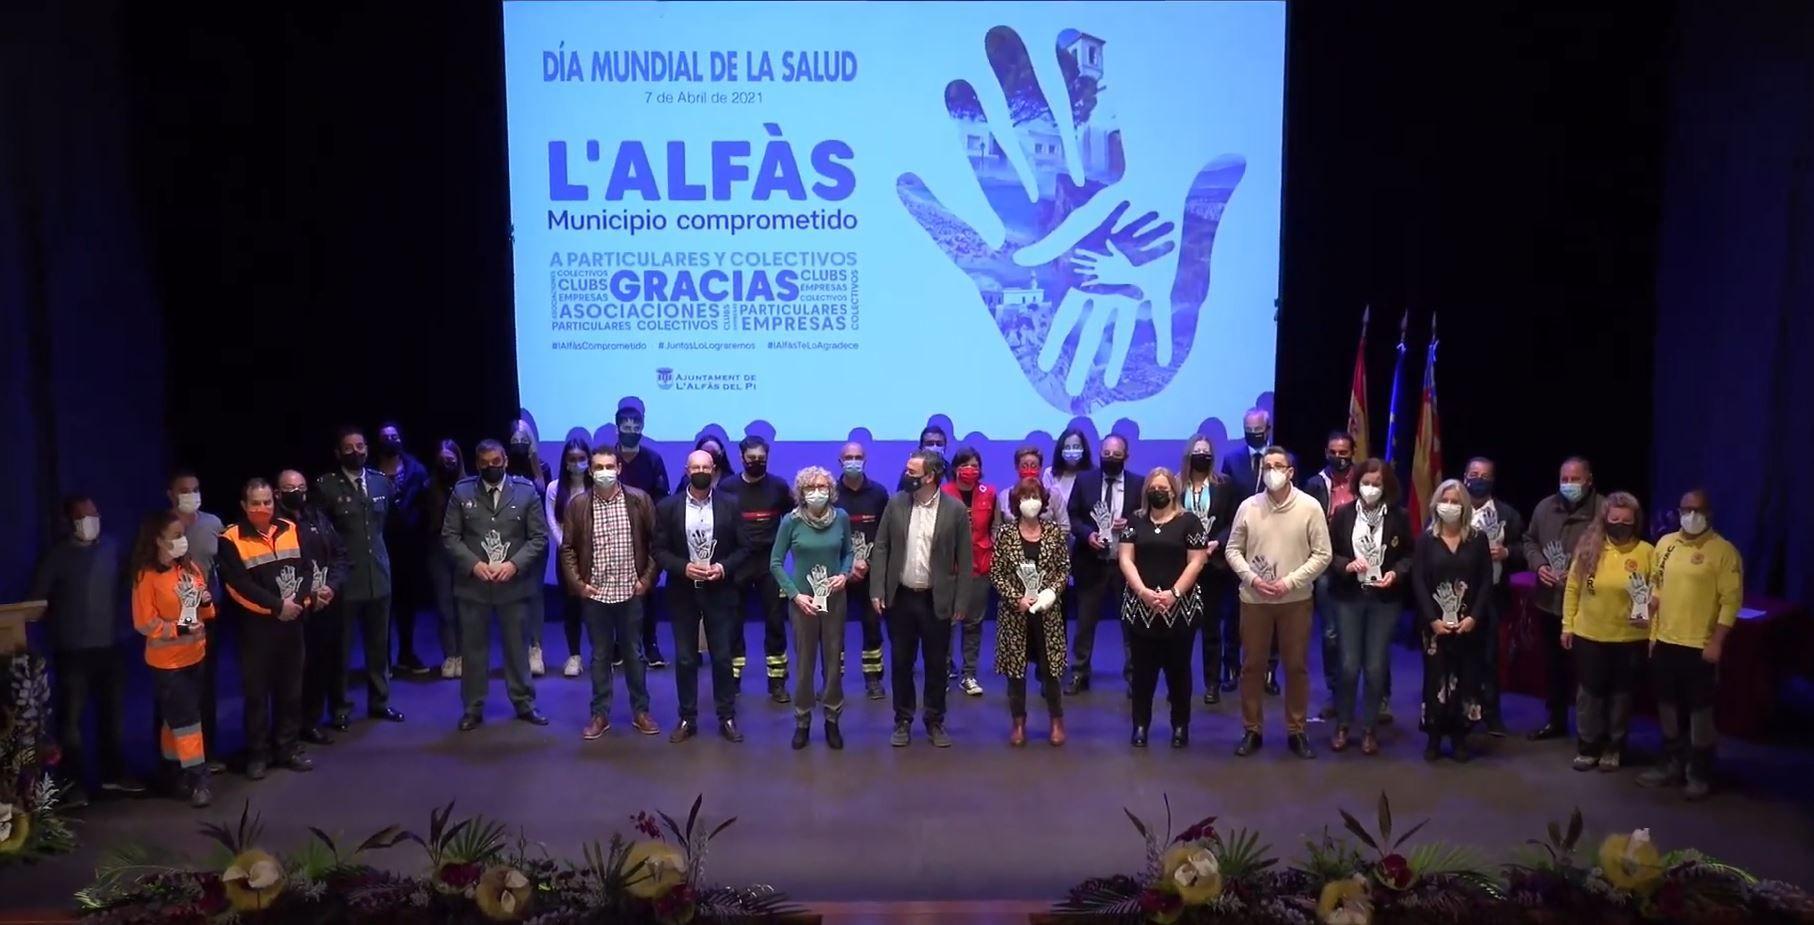 Grupo ASV es homenajeado por su labor en primera fila contra la pandemia del COVID-19